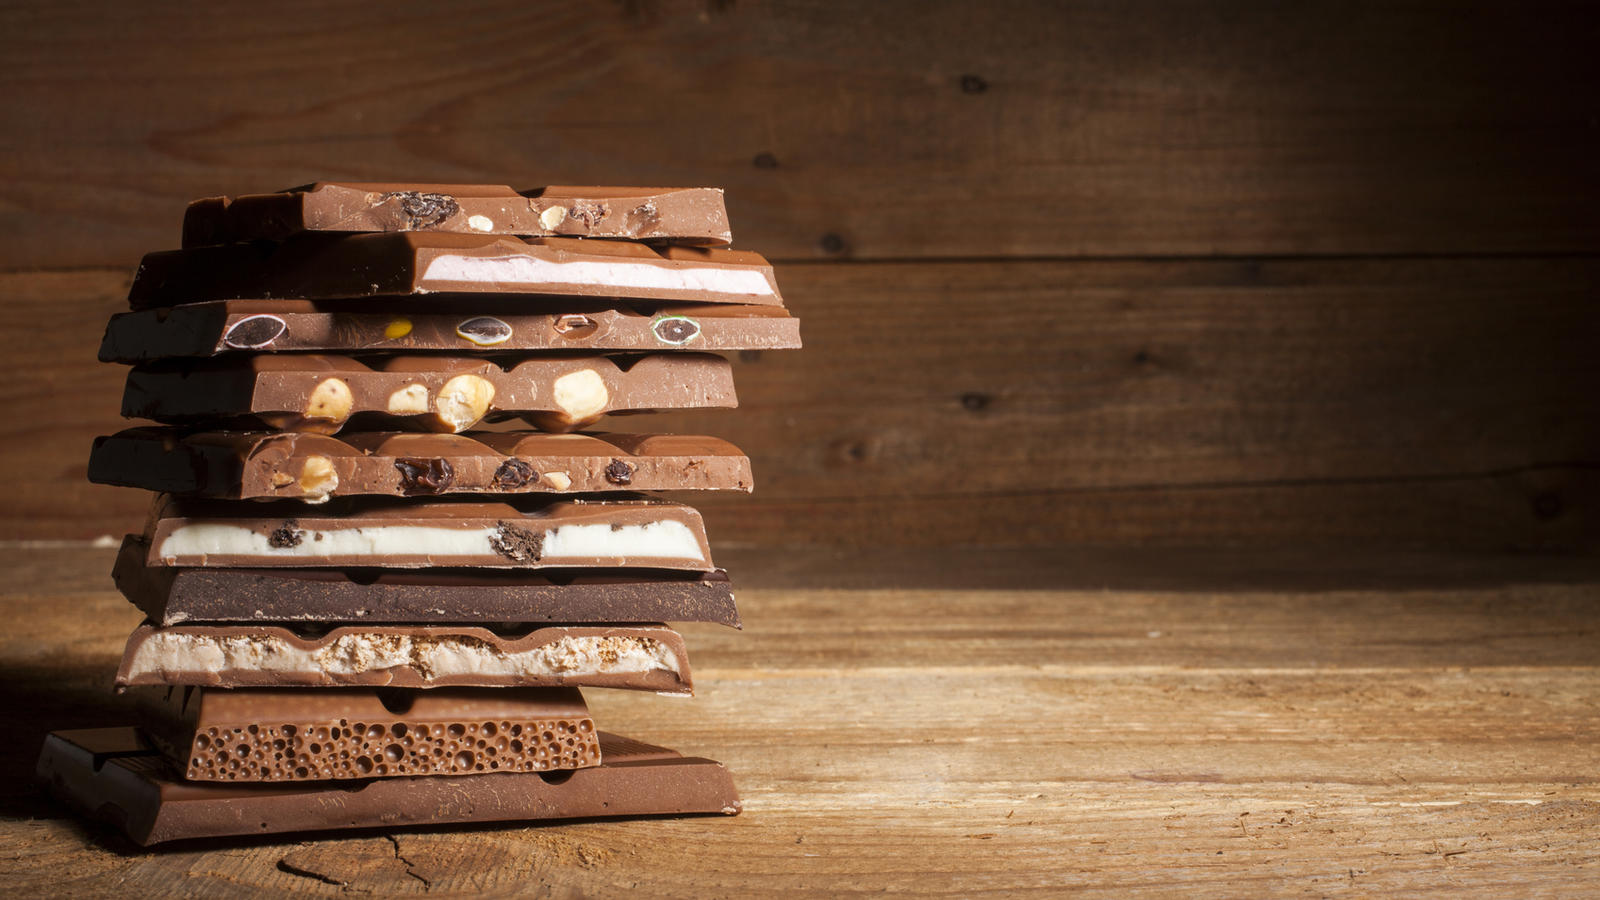 Heie, Schokolade - Kostenlose Bilder auf Pixabay